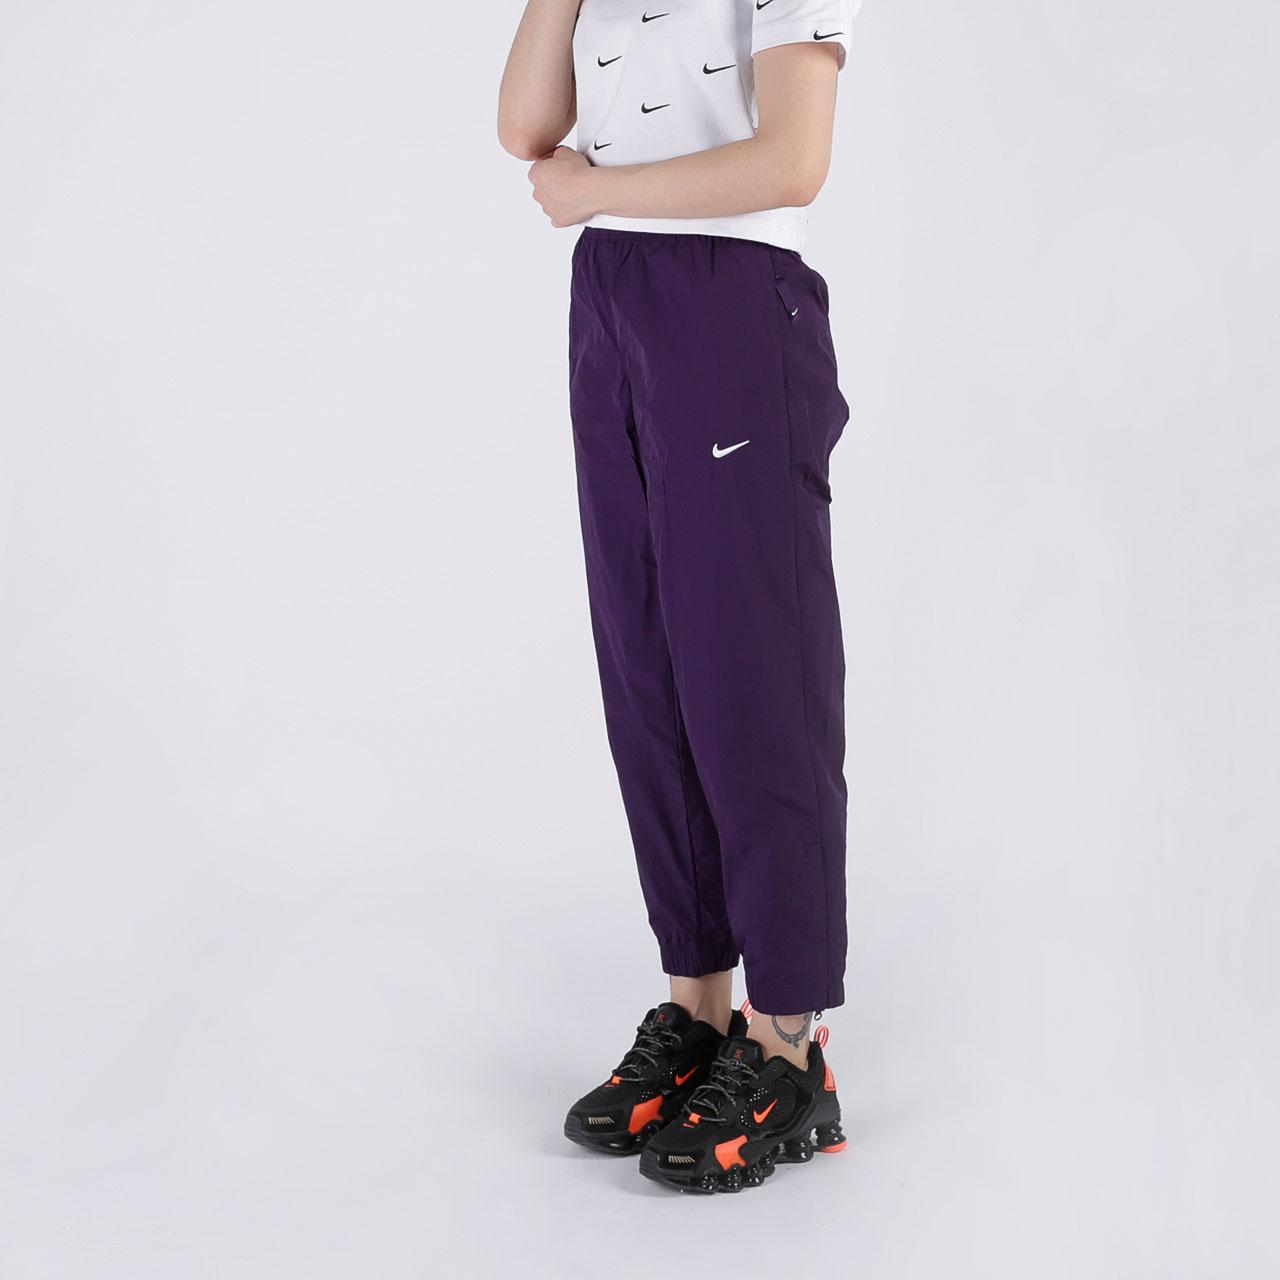 женские фиолетовые  брюки nike track pant purple CQ4003-525 - цена, описание, фото 3